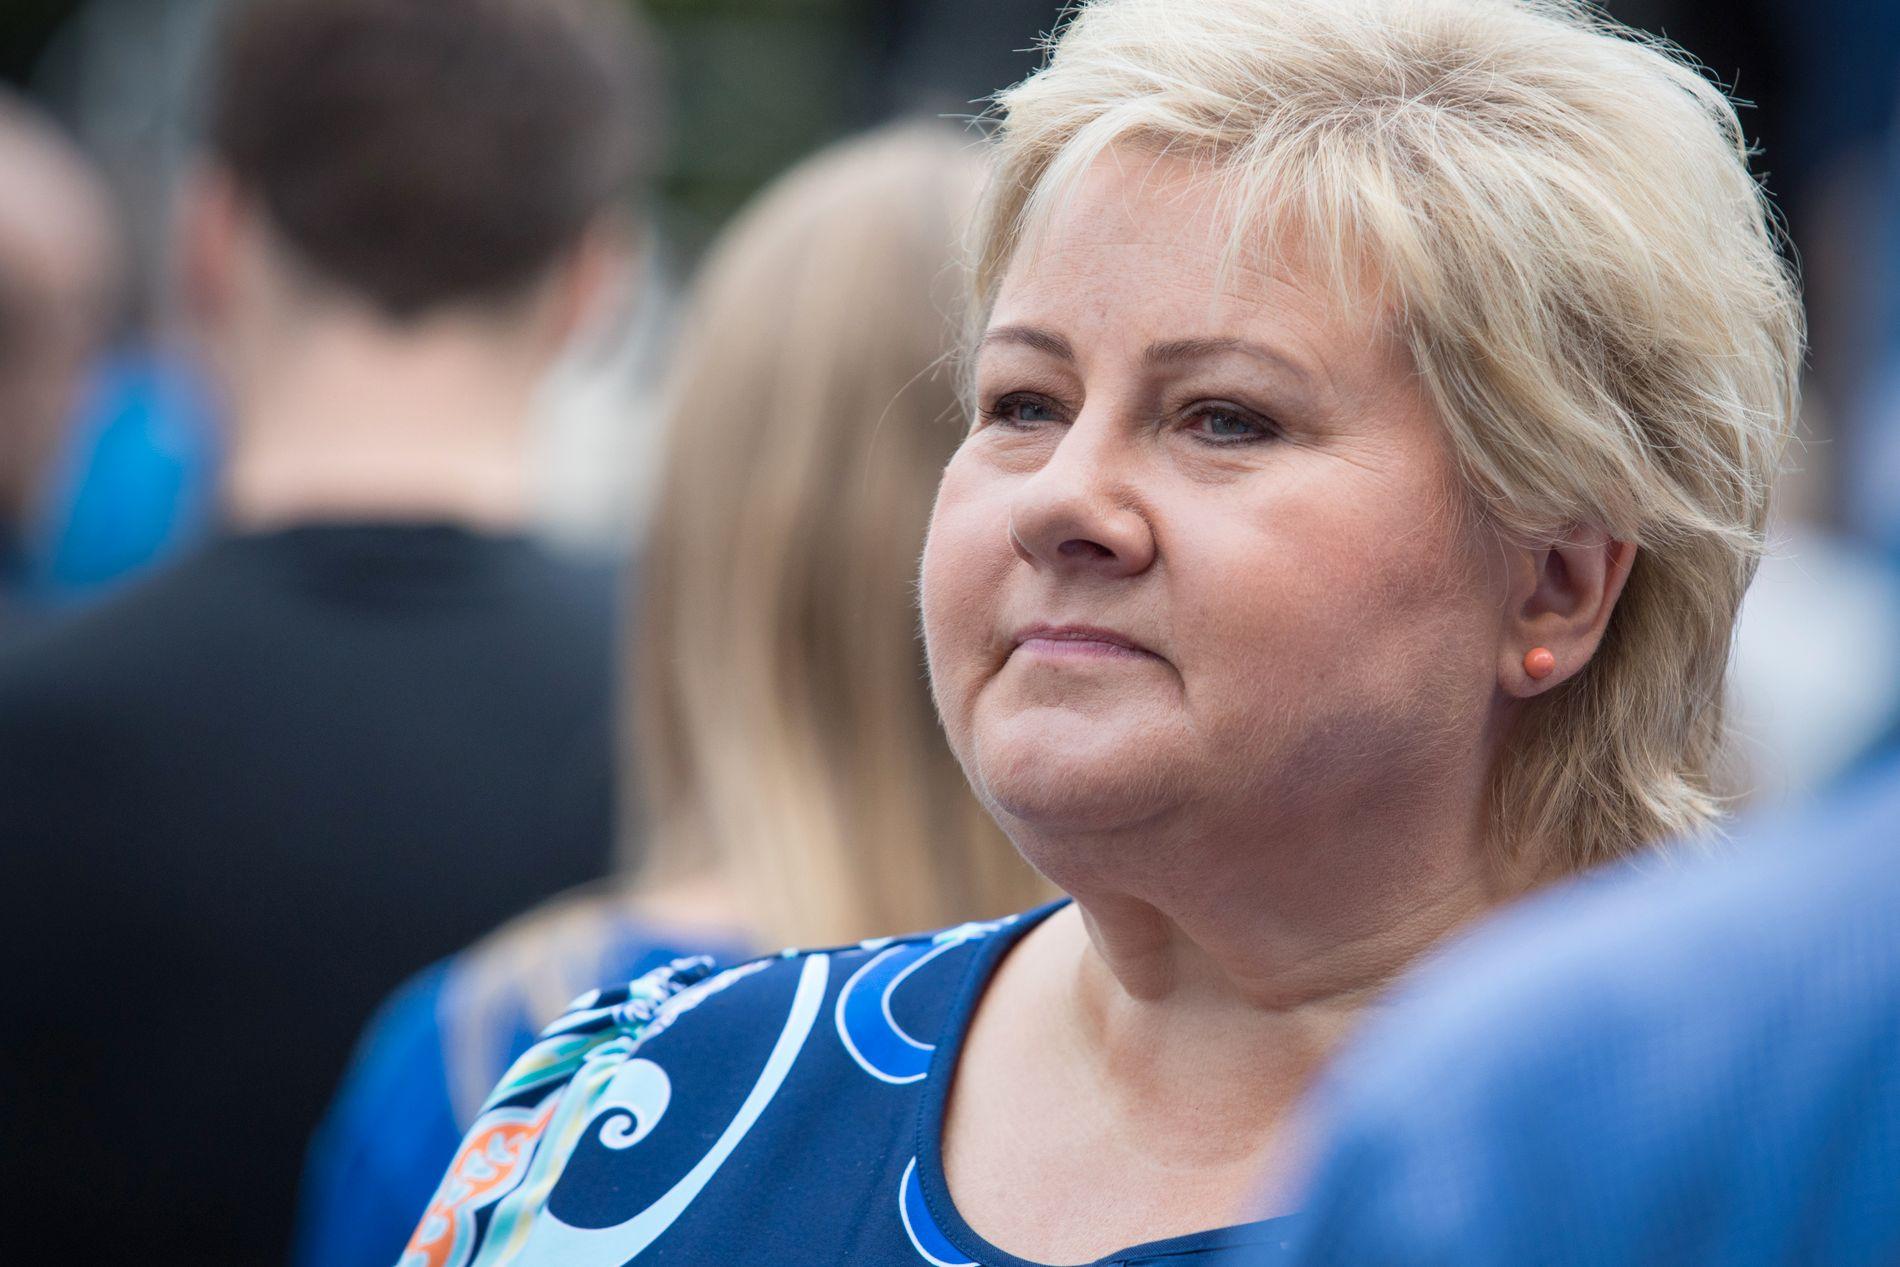 VIL KUTTE MER: Statsminister Erna Solberg deltok lørdag på Høyres valgkampåpning i Spikersuppa i Oslo sentrum.